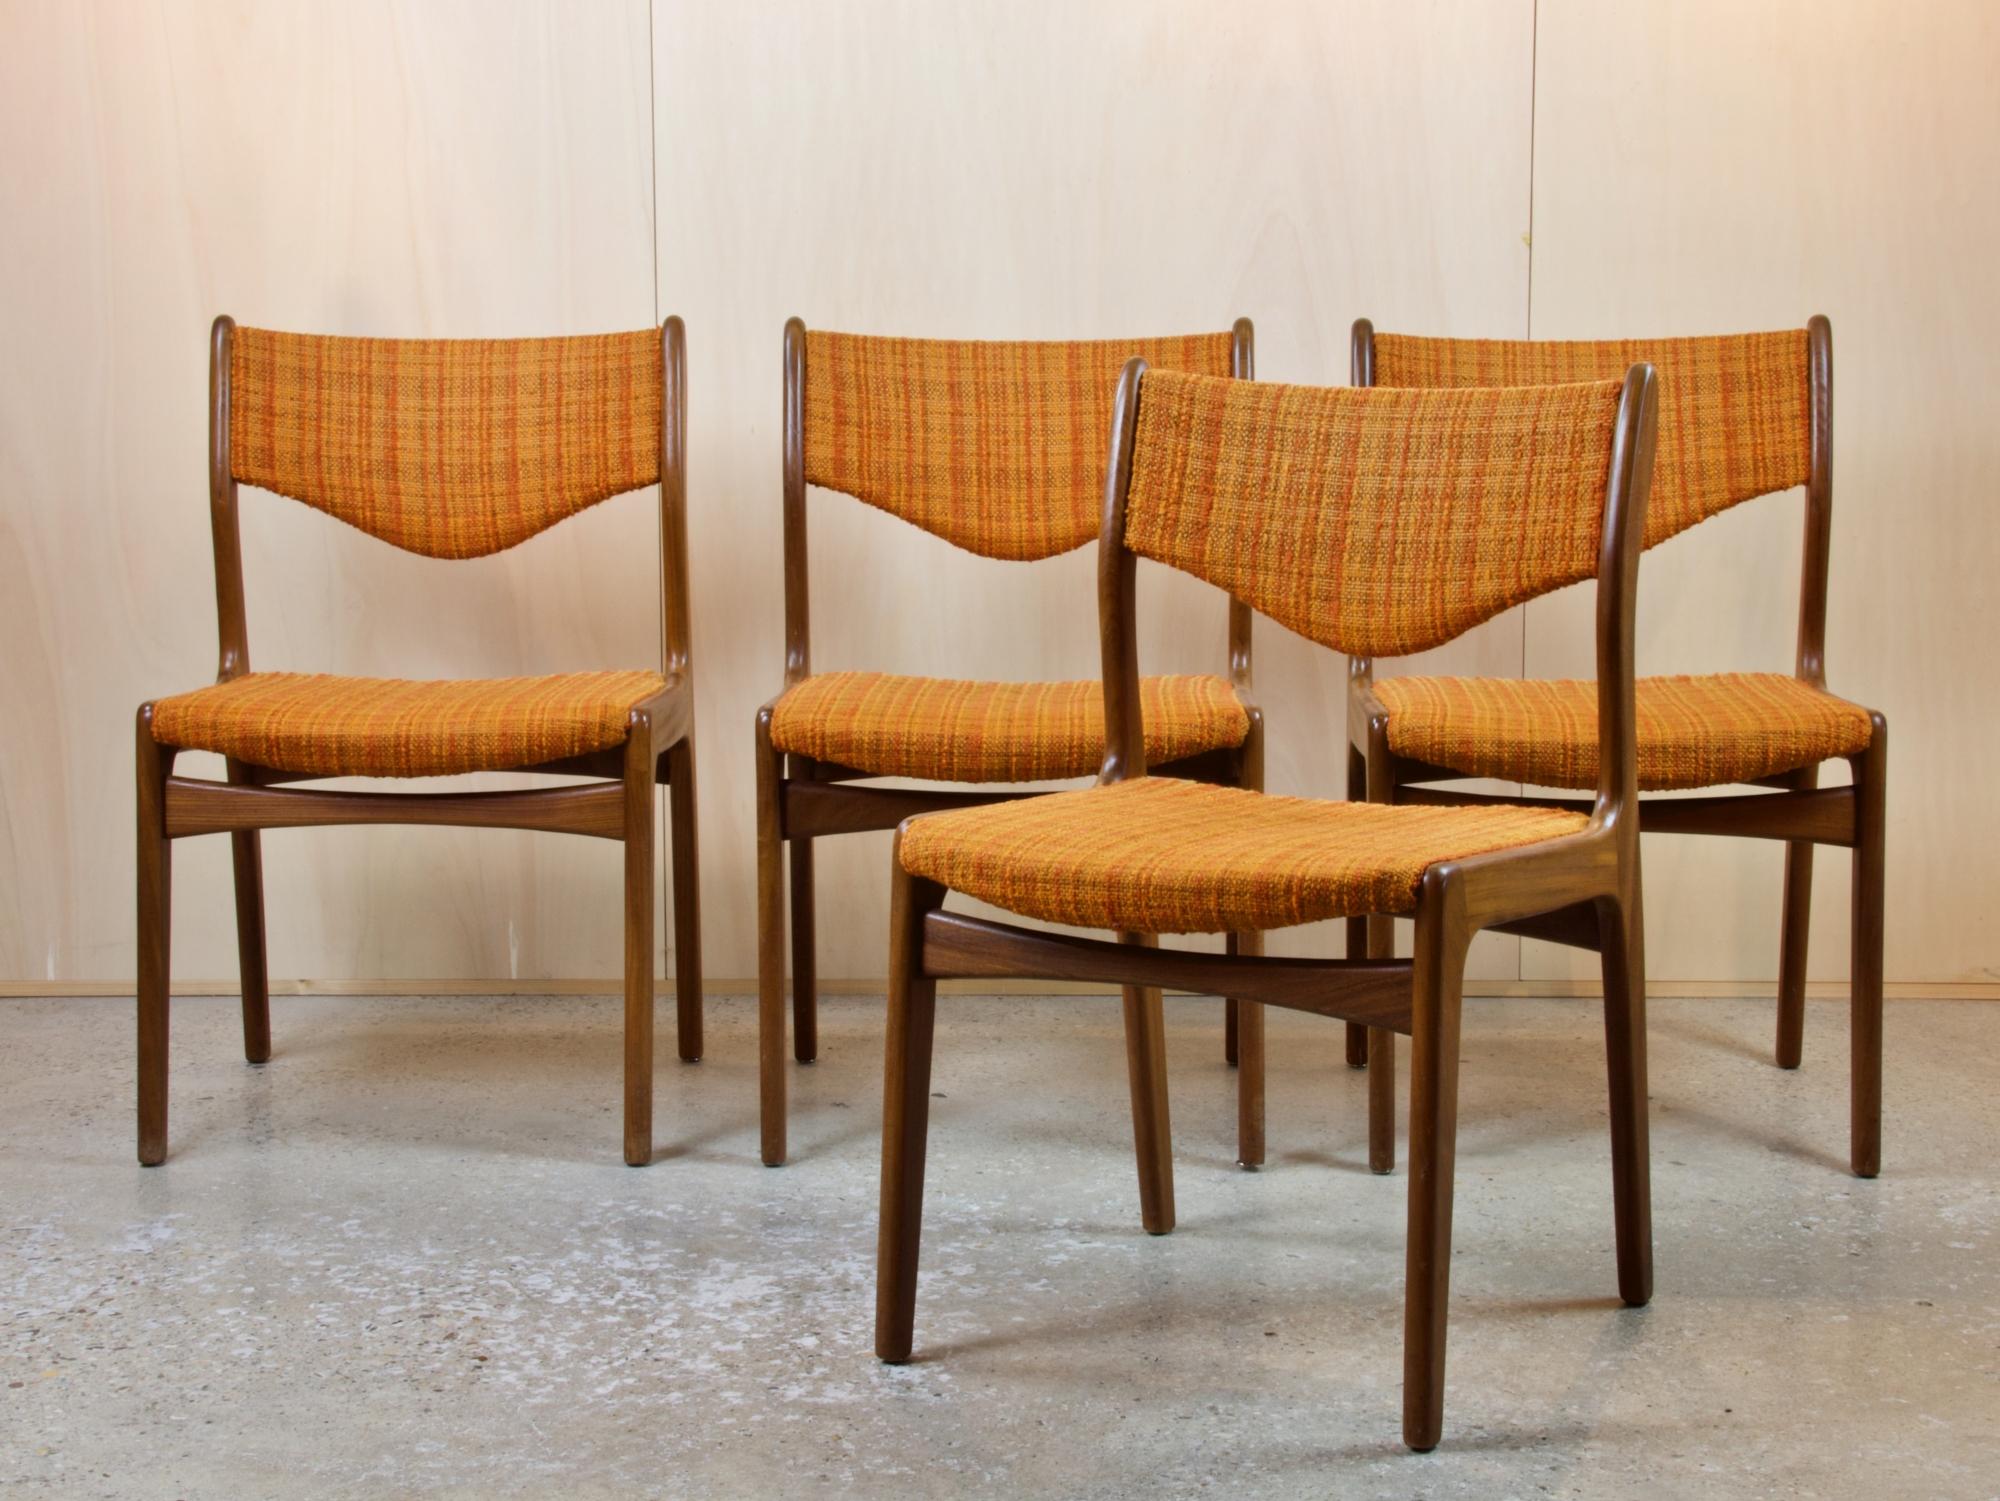 Surprising Johannes Andersen For Mahjongg Vlaardingen Four Chairs With Inzonedesignstudio Interior Chair Design Inzonedesignstudiocom